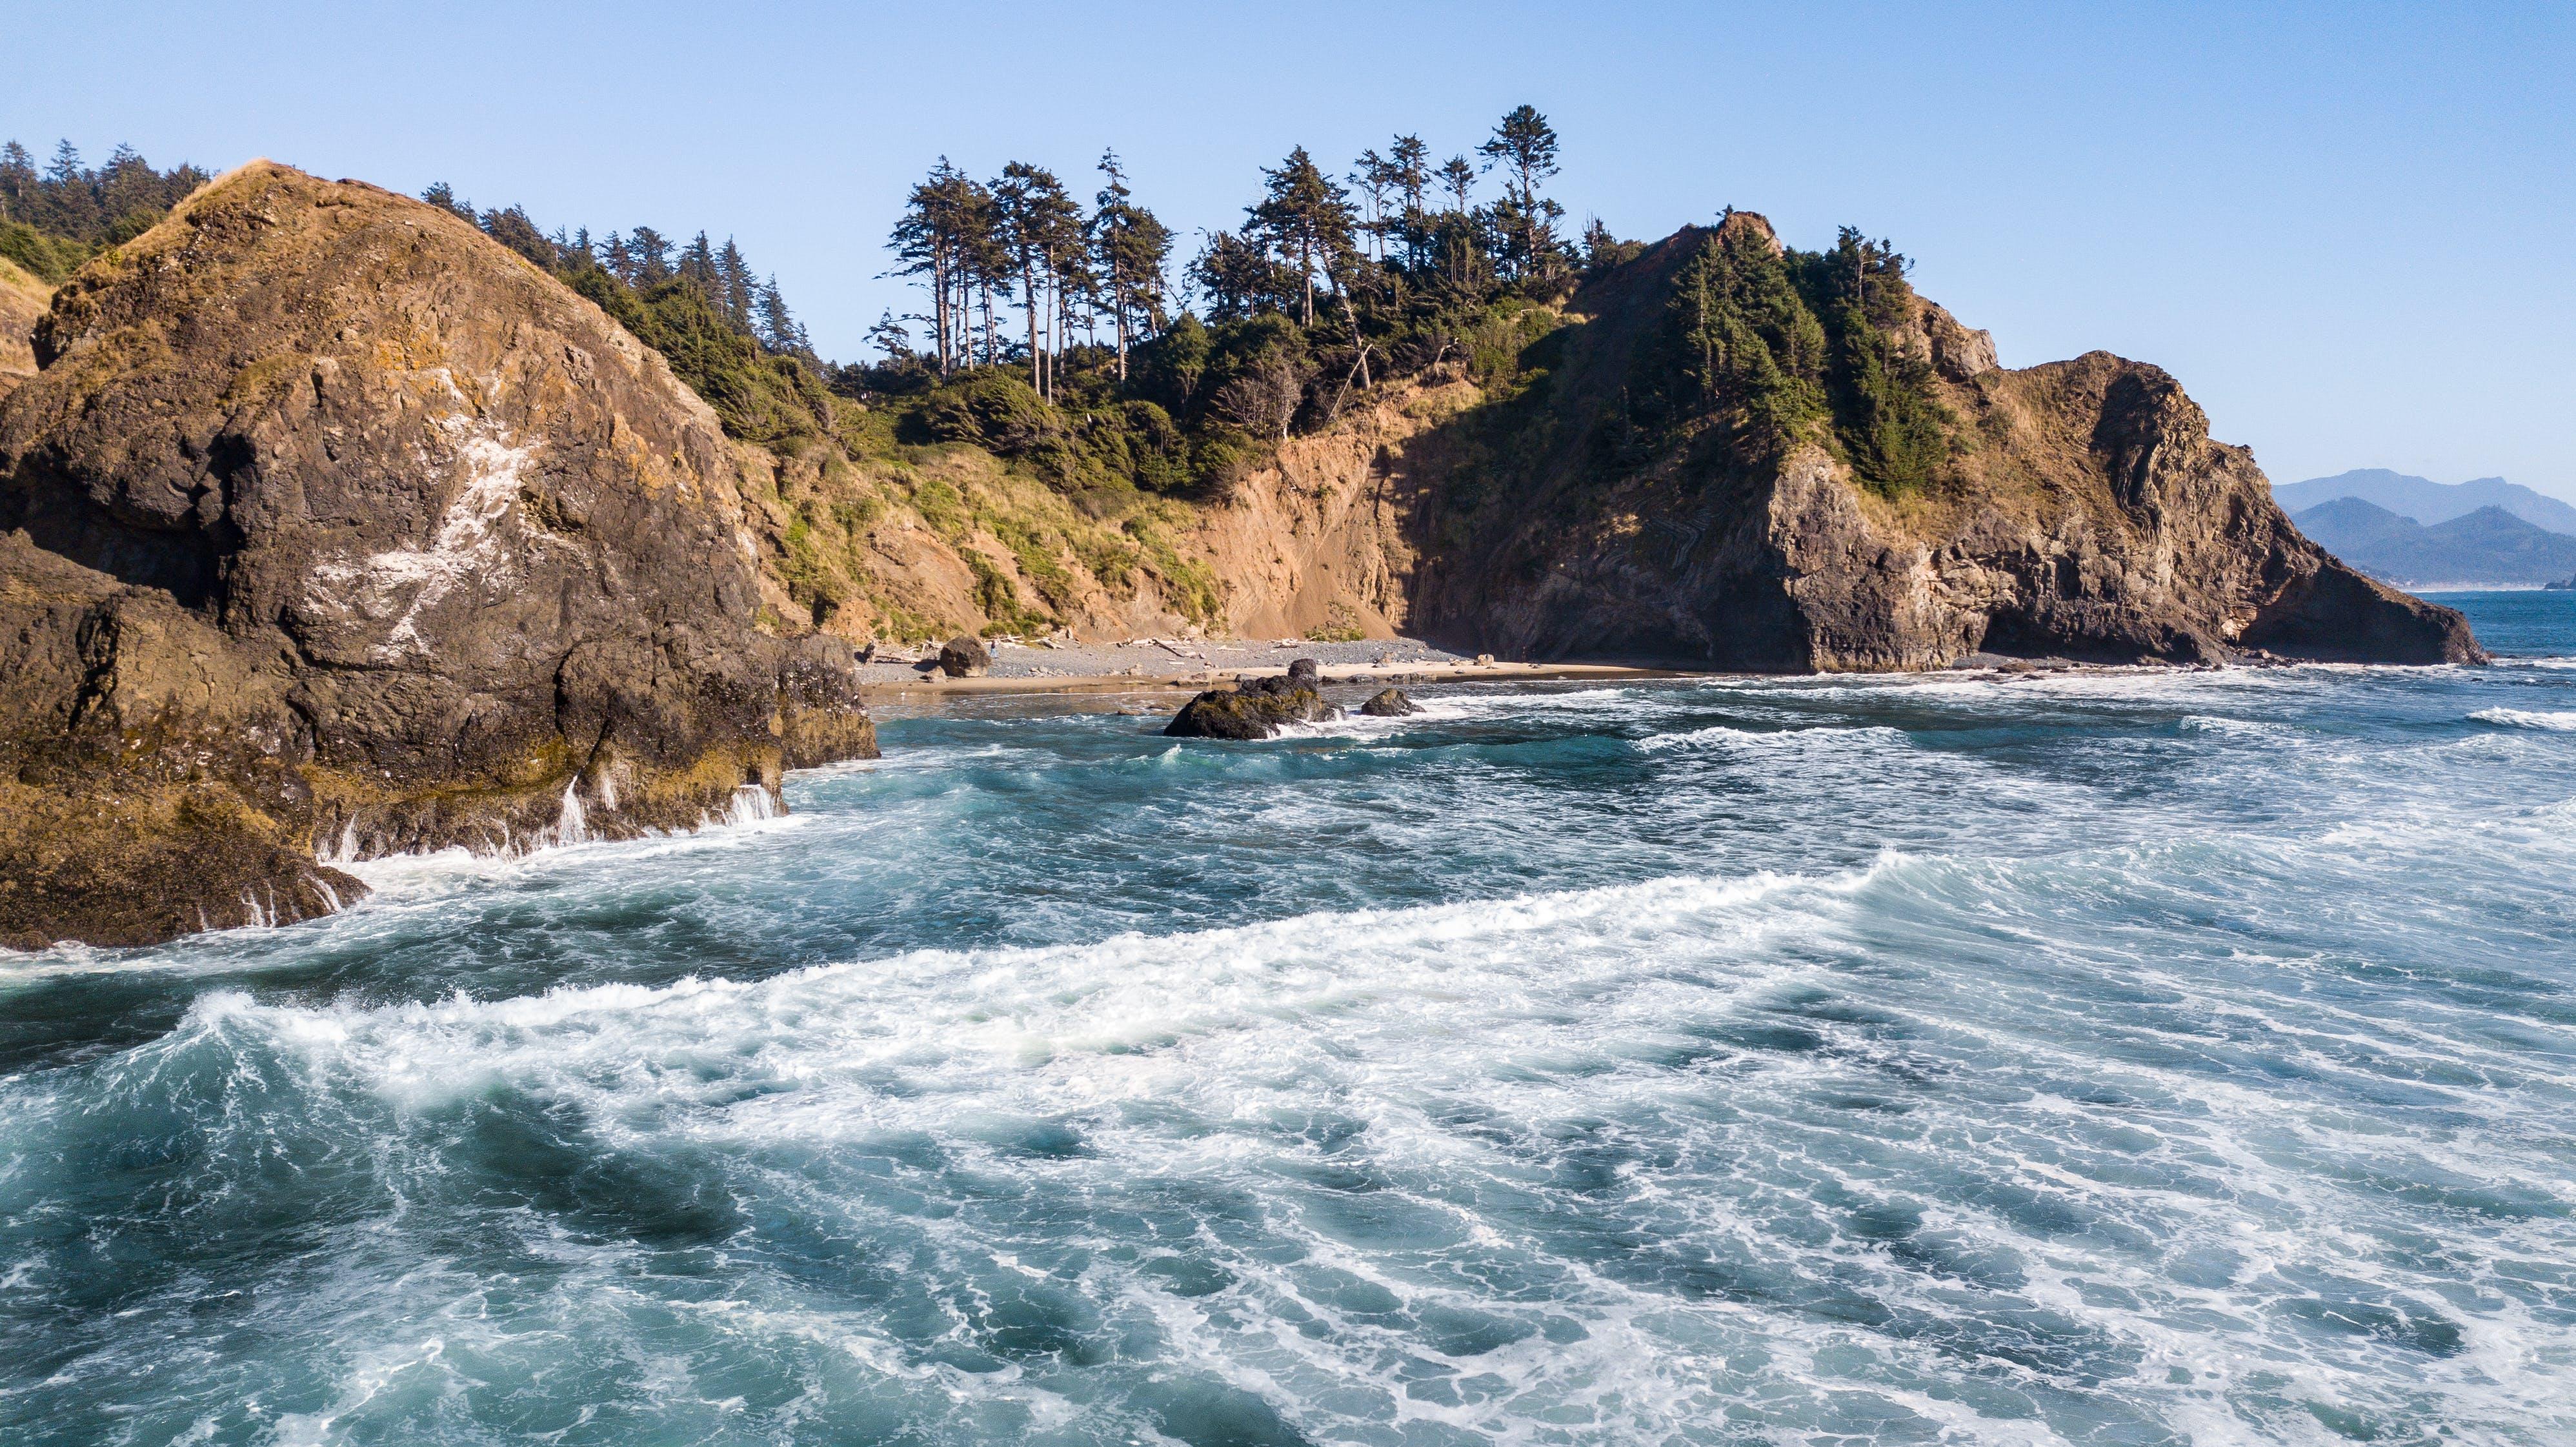 Gratis lagerfoto af bugt, bølgebryder, bølger, dagslys